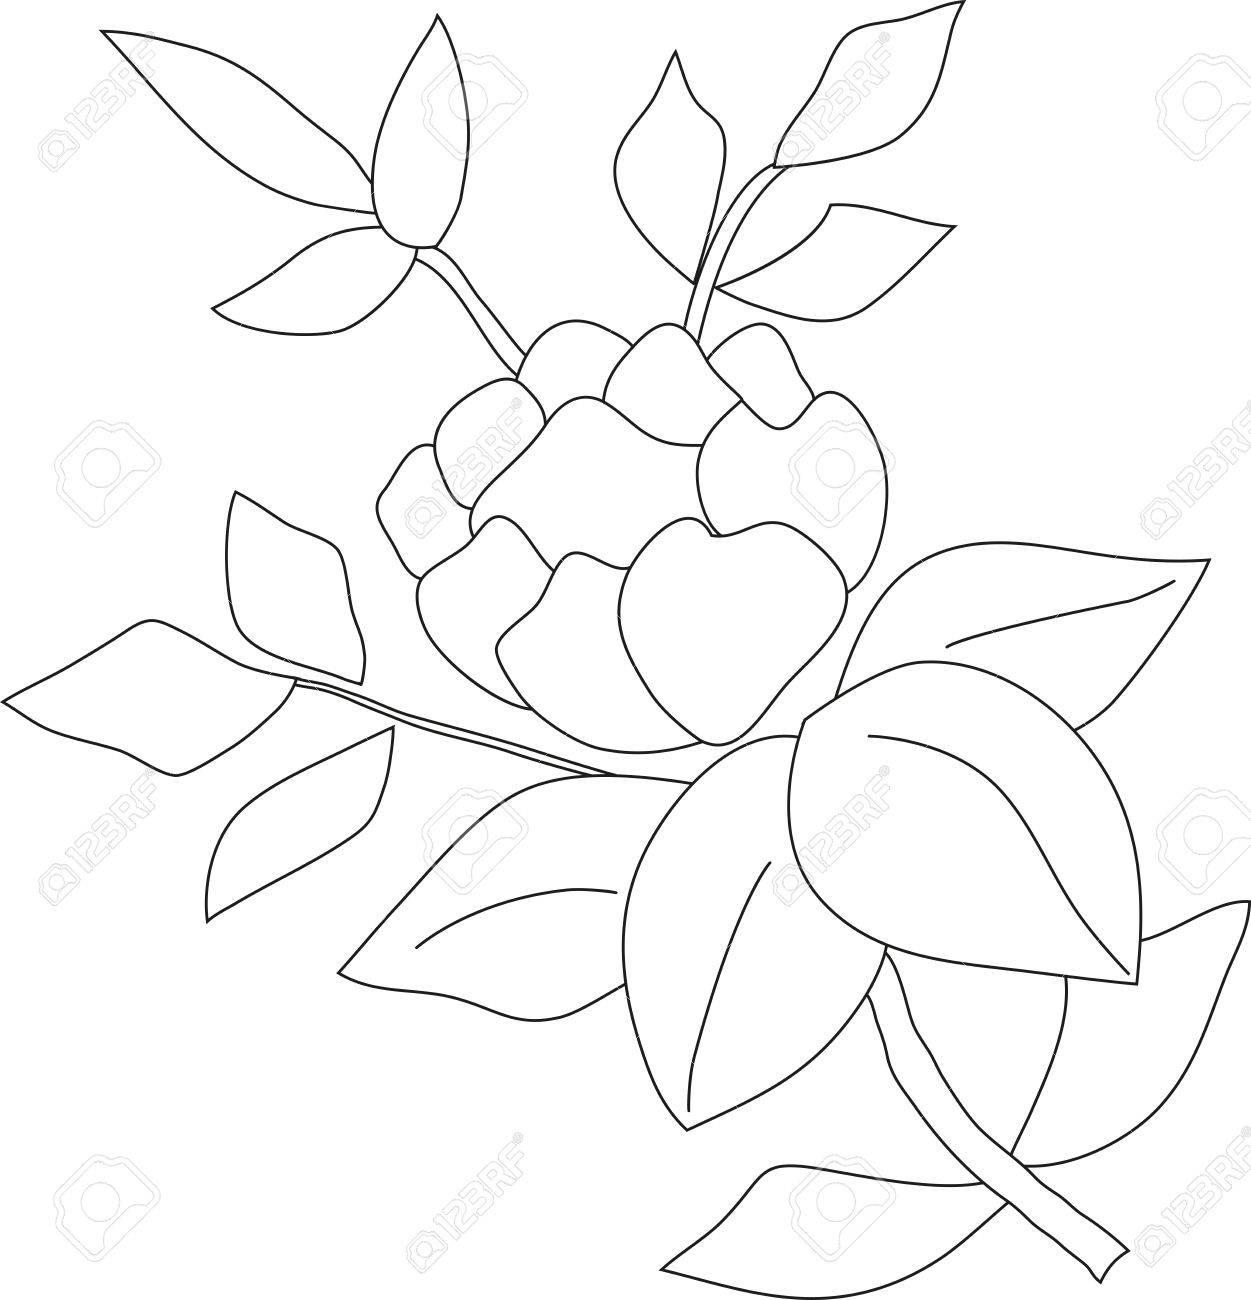 El Dibujo De Lápiz Manual De Una Rama De Rosa Con Una Yema Y Hojas ...